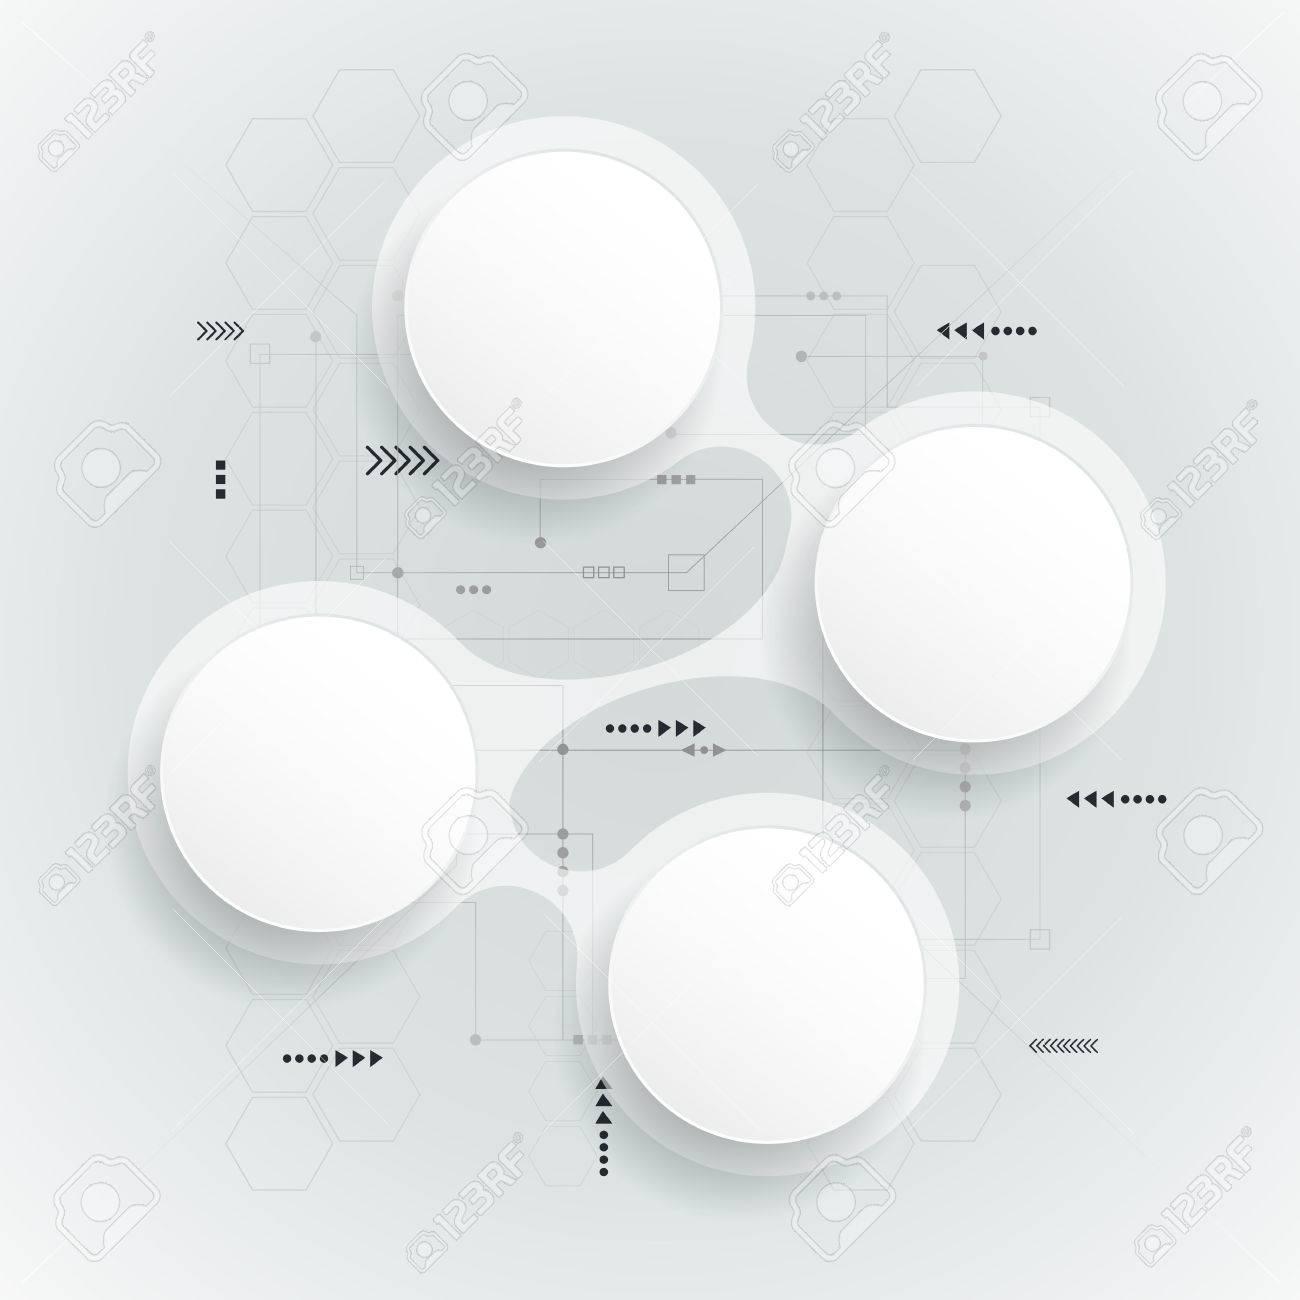 Abstract 3d Weißes Papier Kreis. Einfach Infografik Schrittweise ...